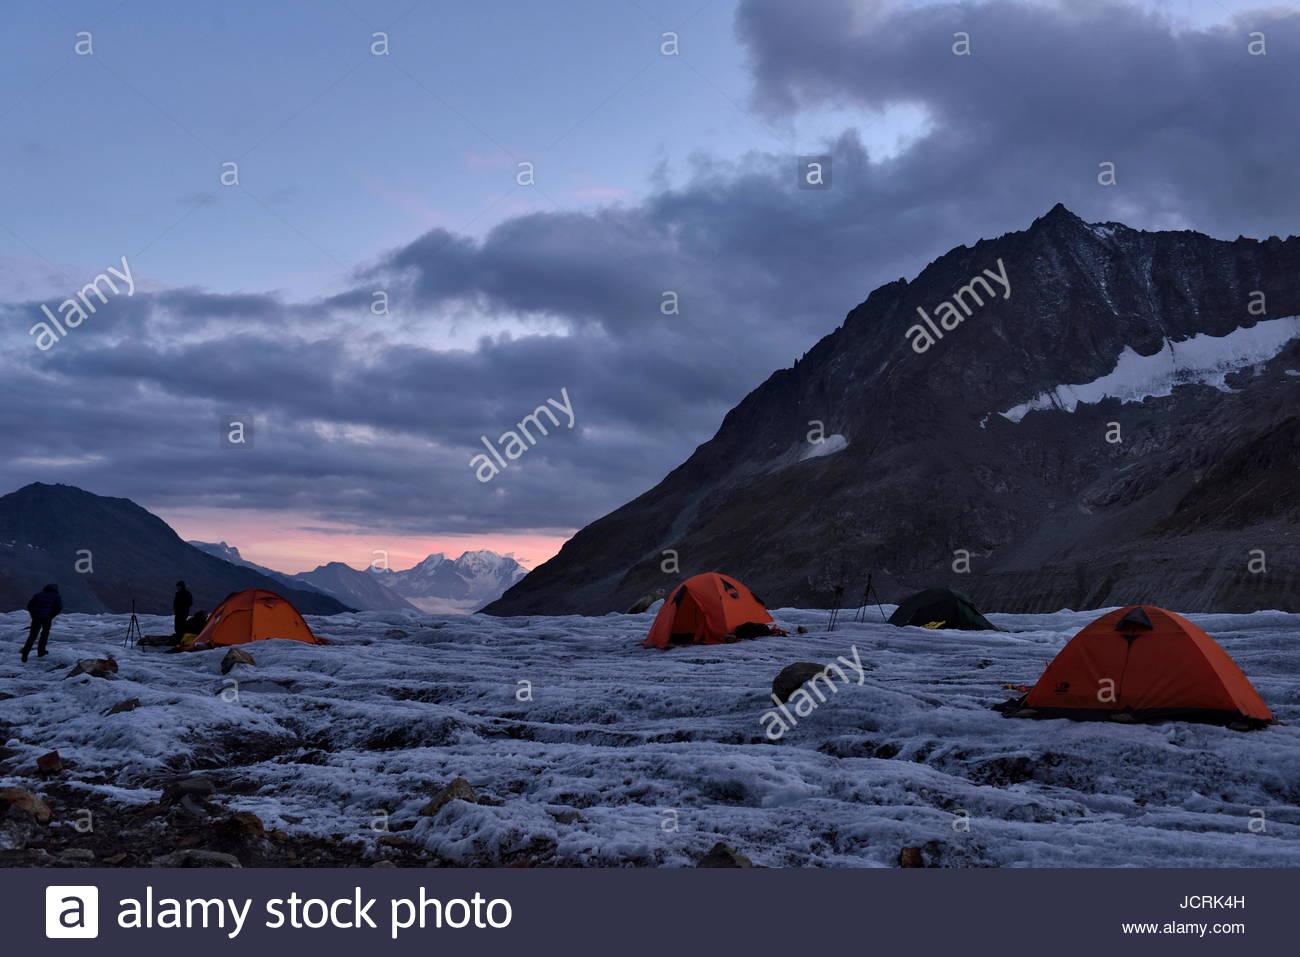 El equipo de espeleólogos italianos asentarse en la noche en su campamento base en el Aletschgletscher. Crepúsculo Imagen De Stock